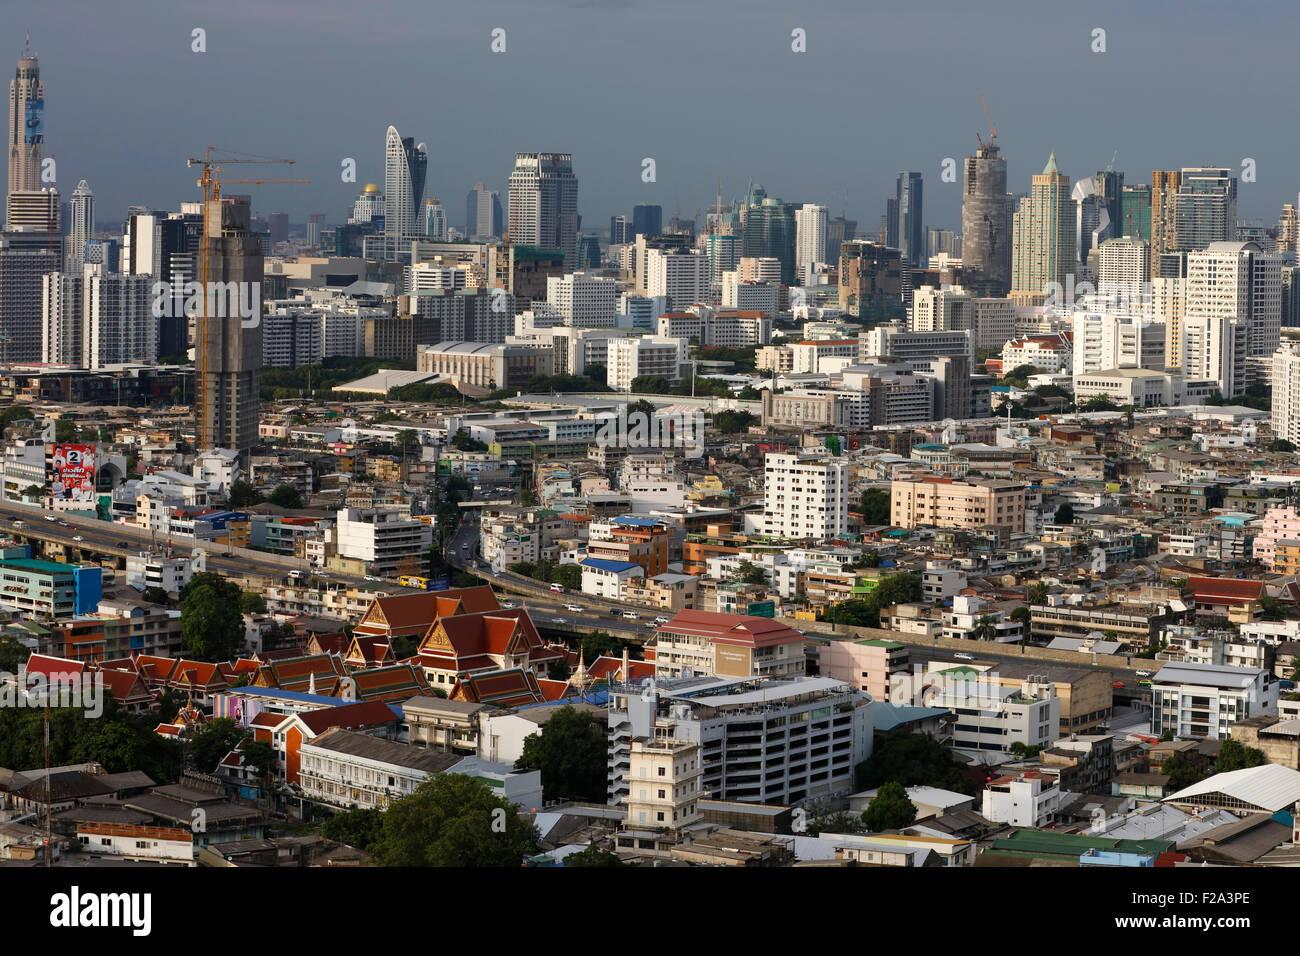 Vue sur le centre-ville par la rivière Chao Phraya, Bangkok, Thaïlande Photo Stock